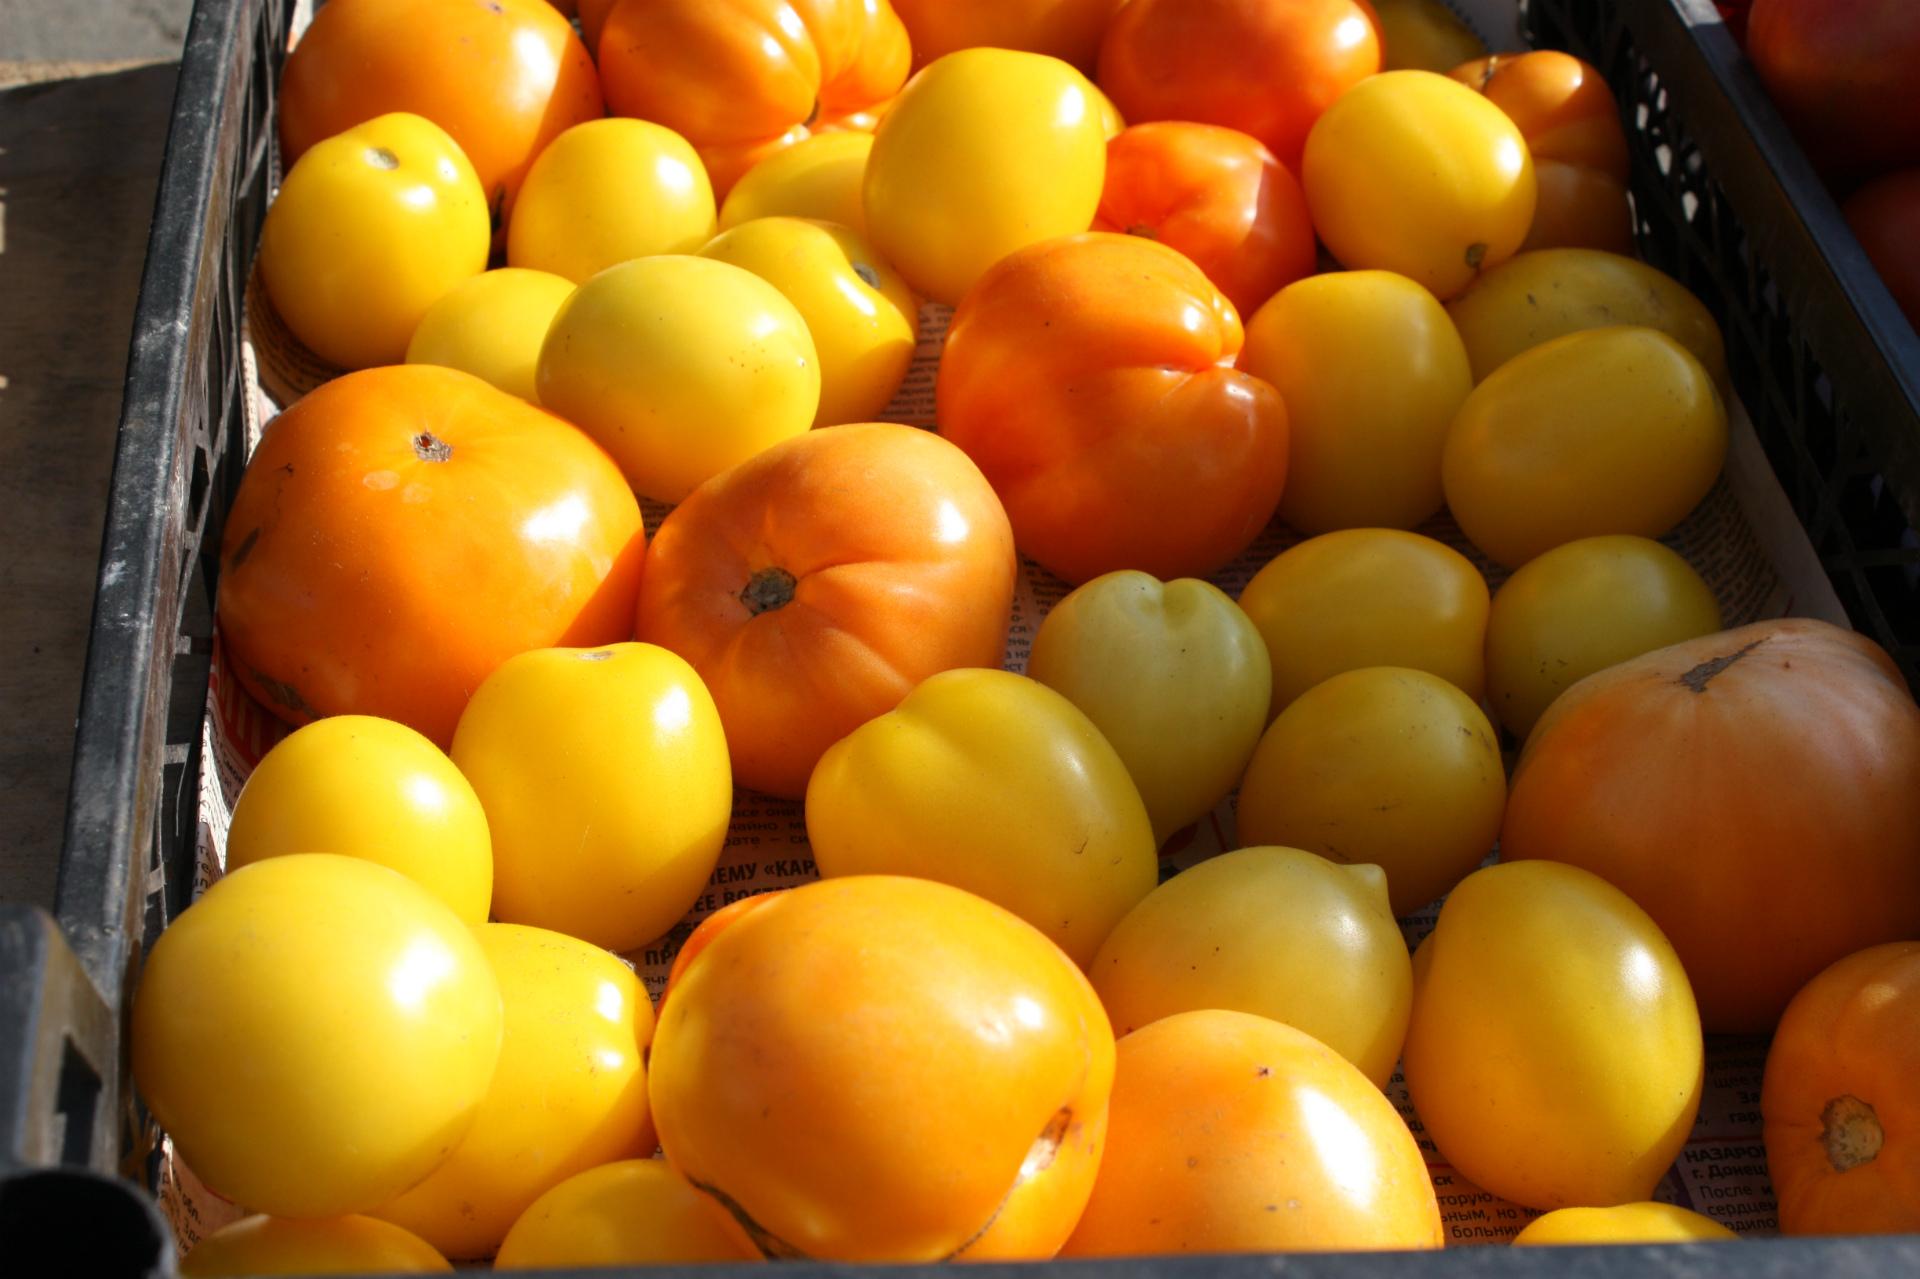 — «Золотые купола», «красное солнышко», «пальчиковые», всего 60 рублей килограмм, — расхваливает продавщица ярко-желтые помидоры. Утром полный ящик был, а сейчас всего ничего осталось, одно название, что помидоры!